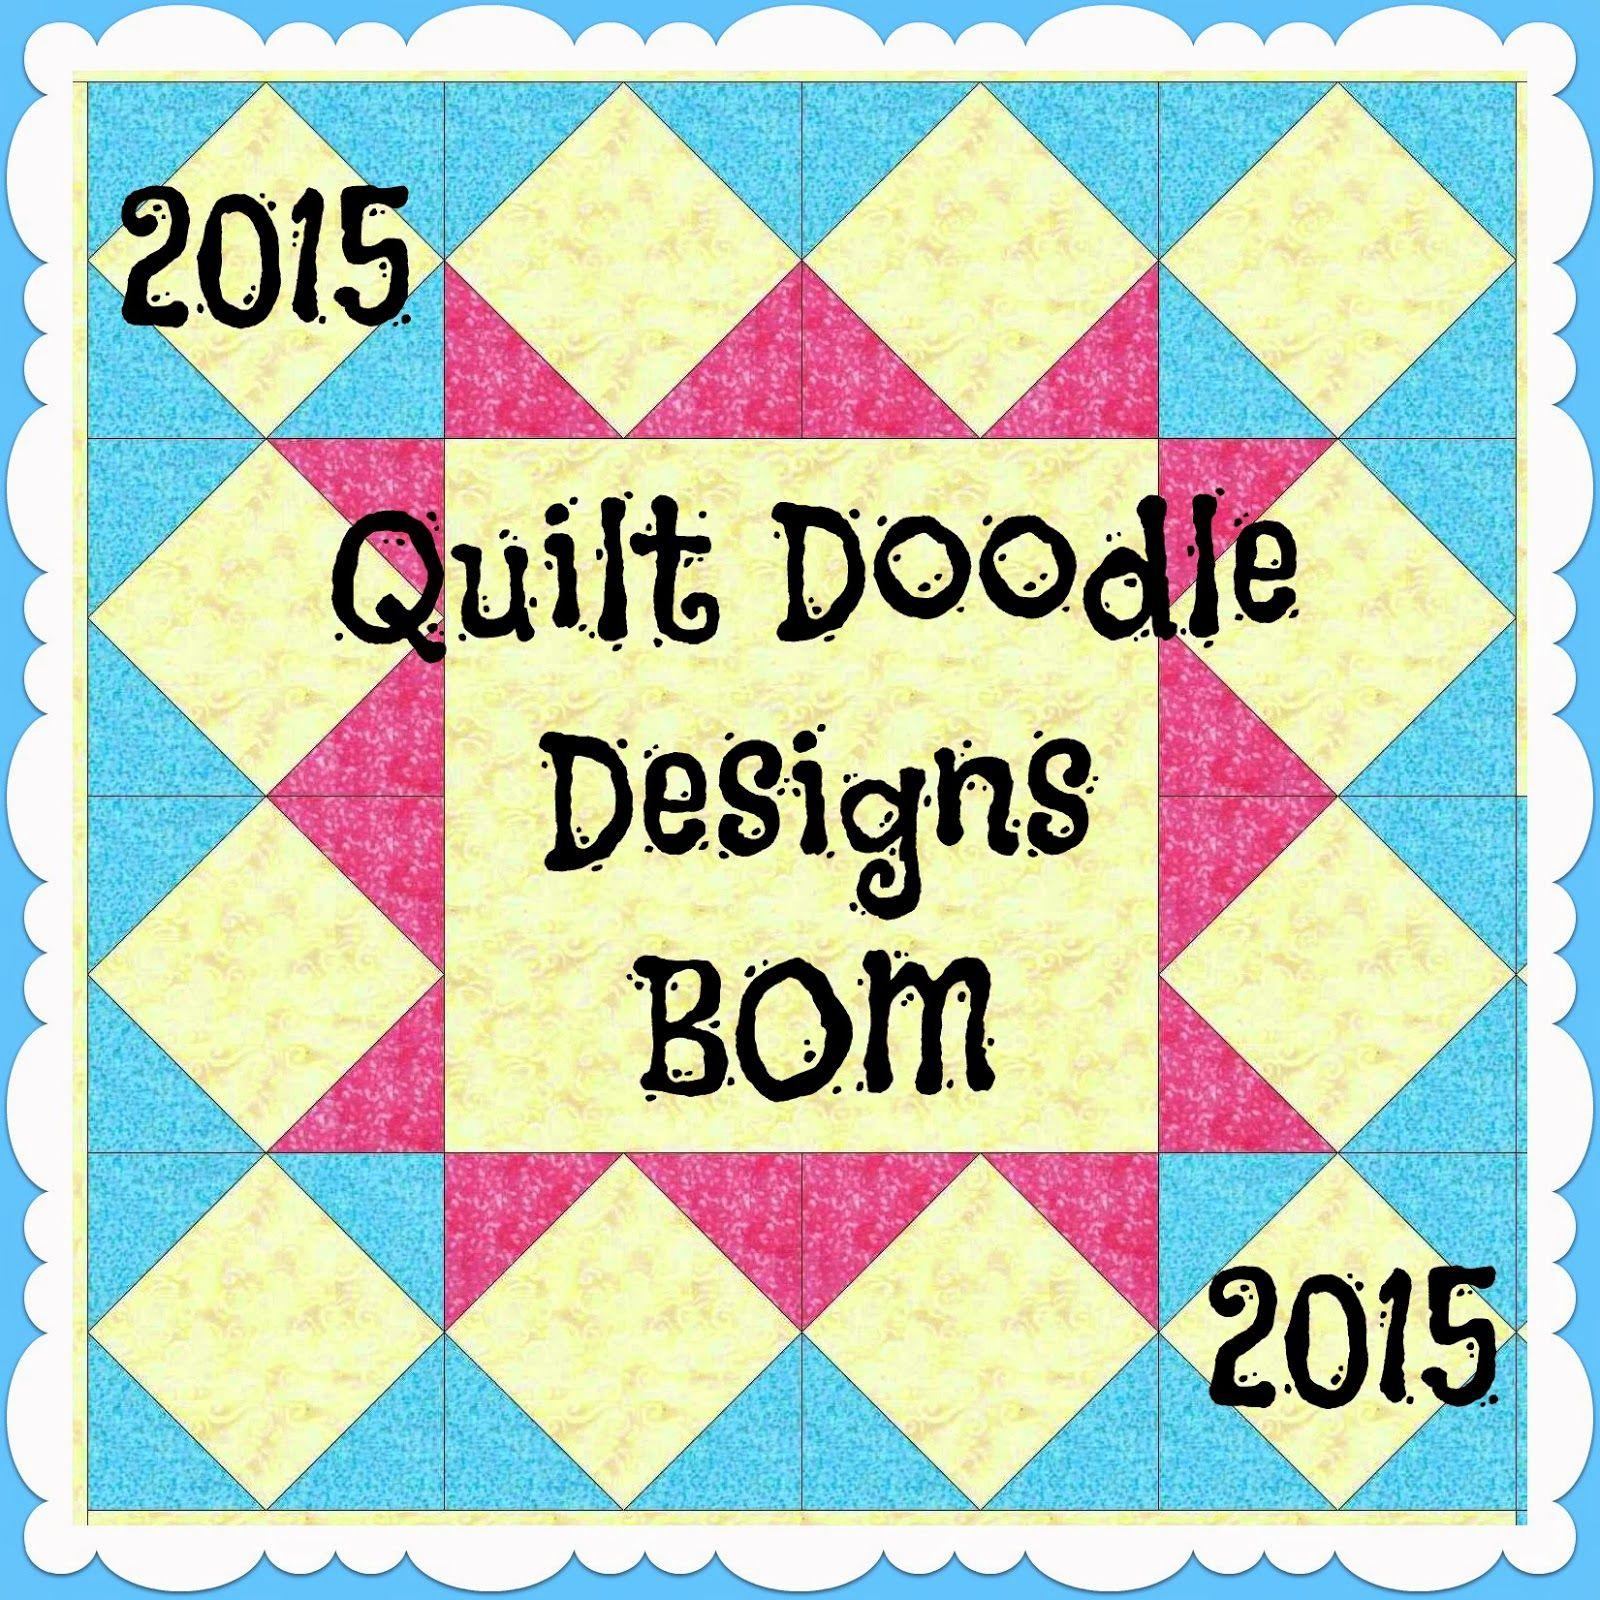 Quilt Doodle Doodles October s Block is Here